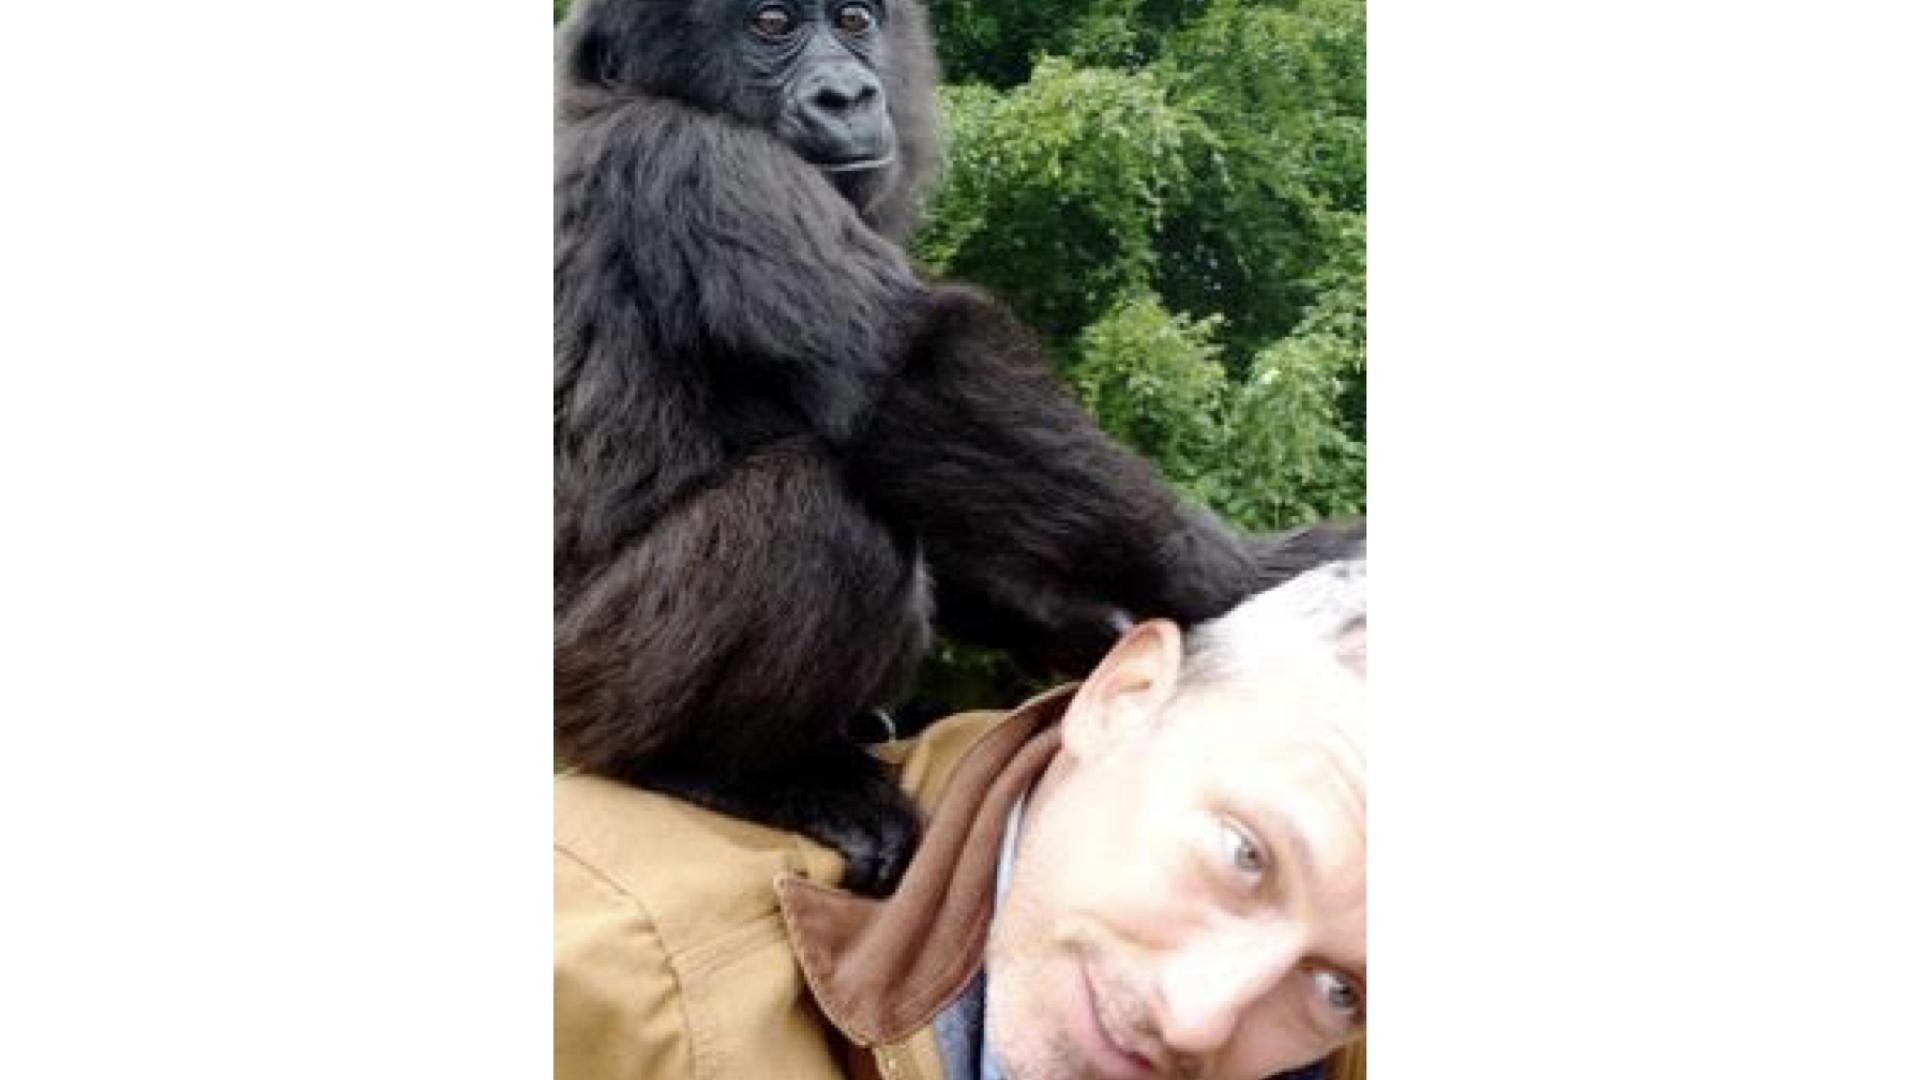 Patrick with gorillas in Gabon